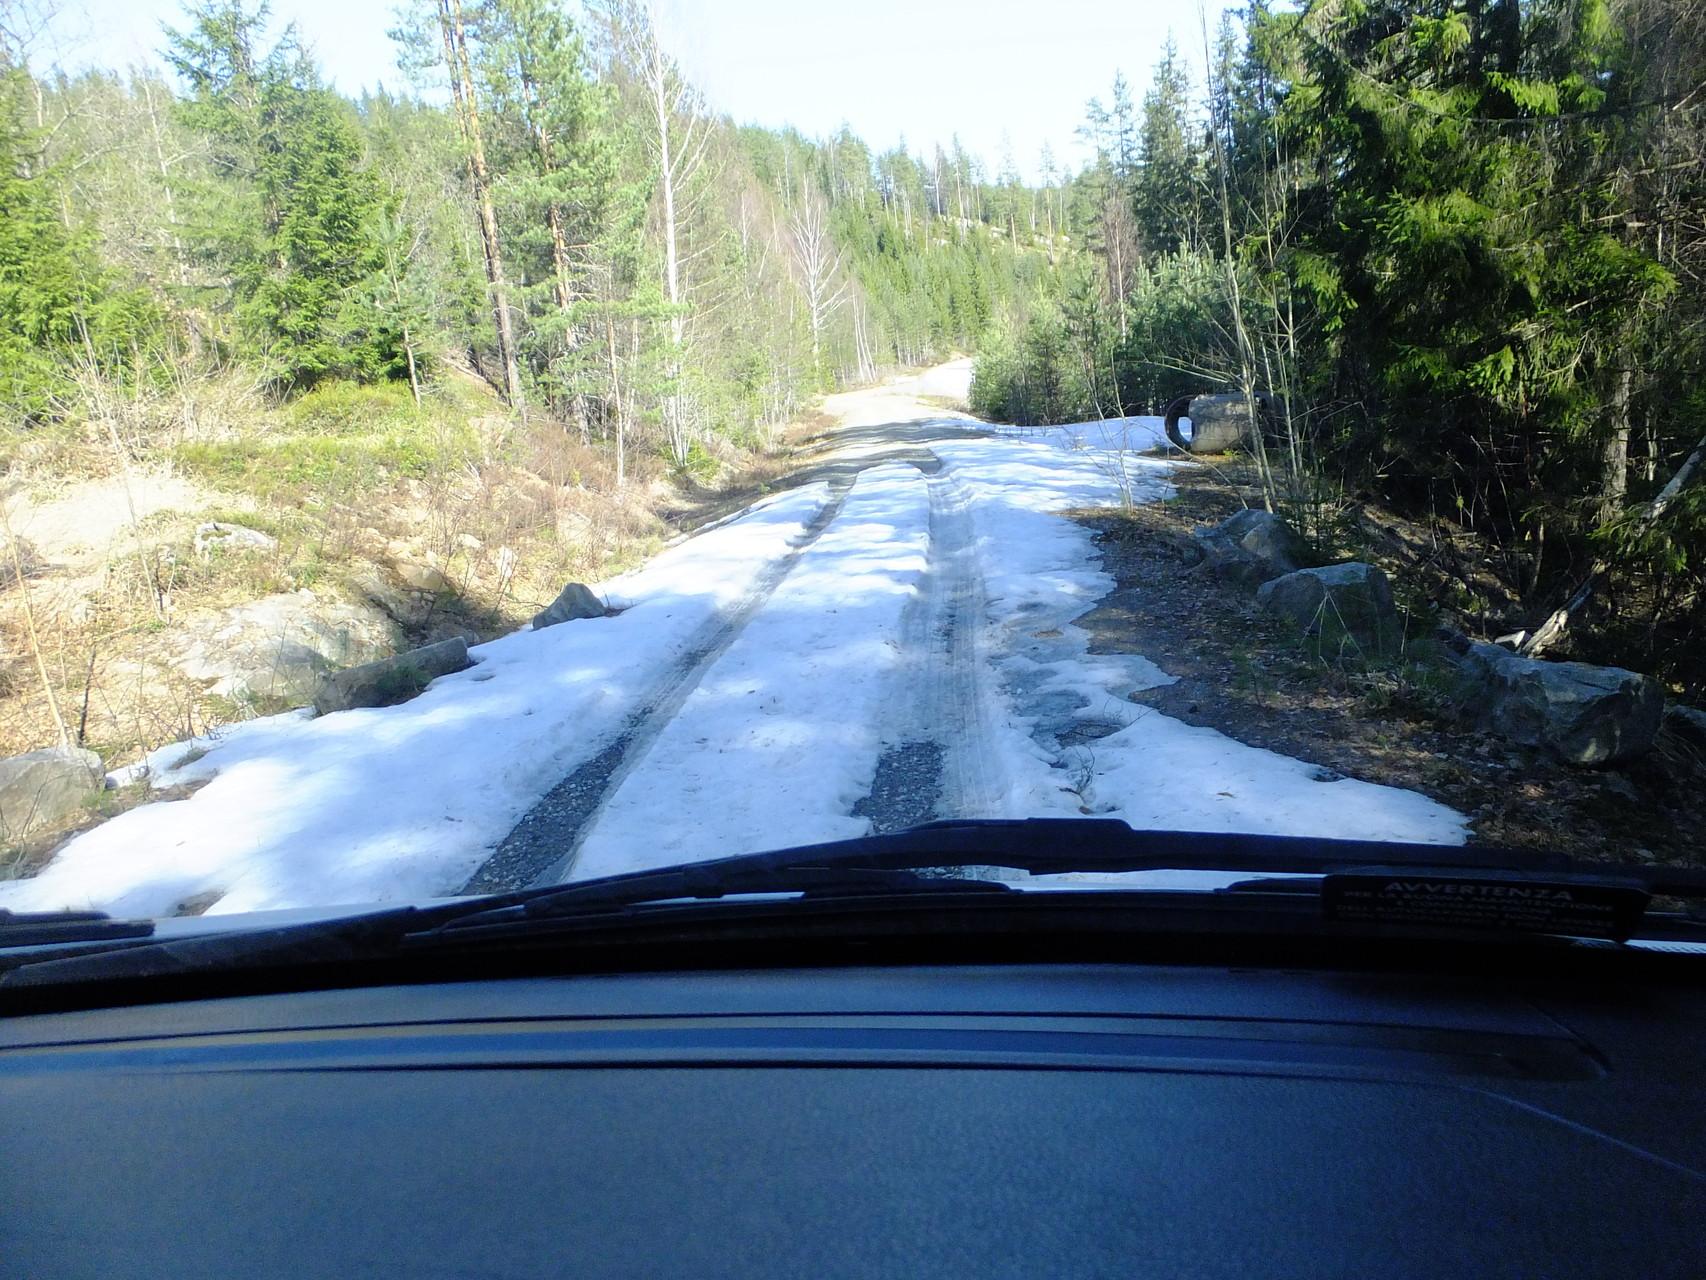 Sogar Schnee auf der Straße